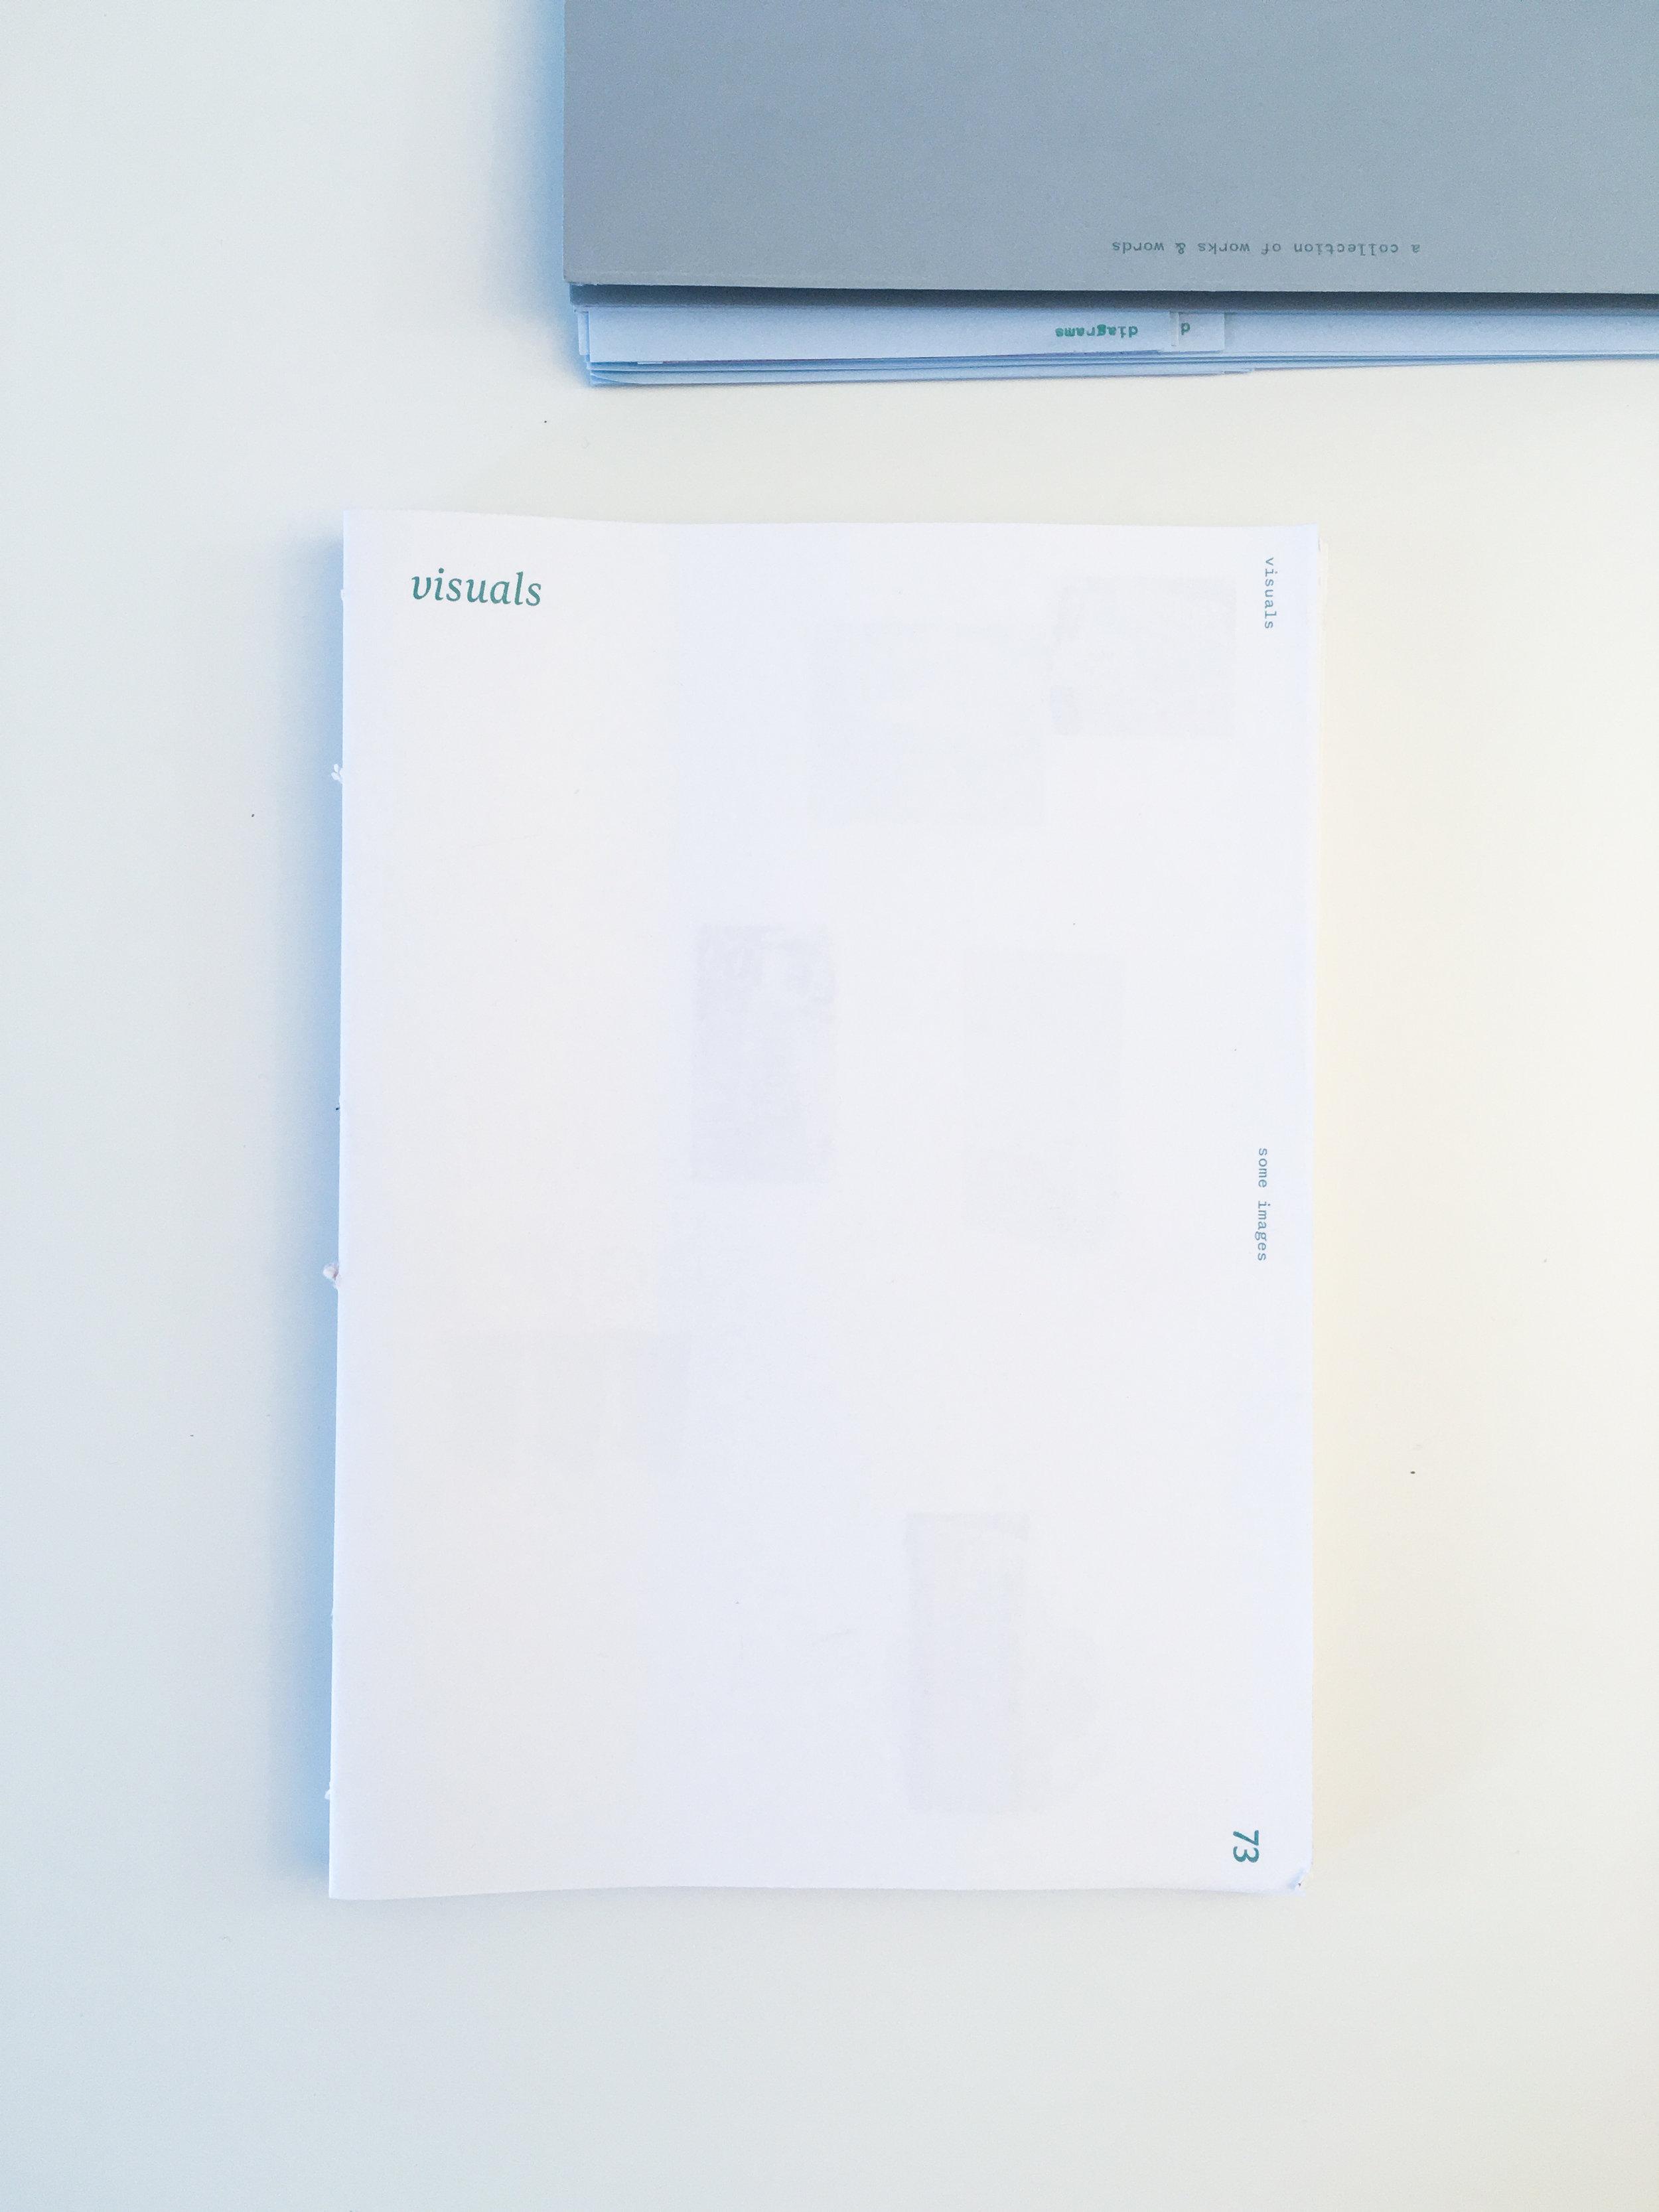 dpbook-2.jpg